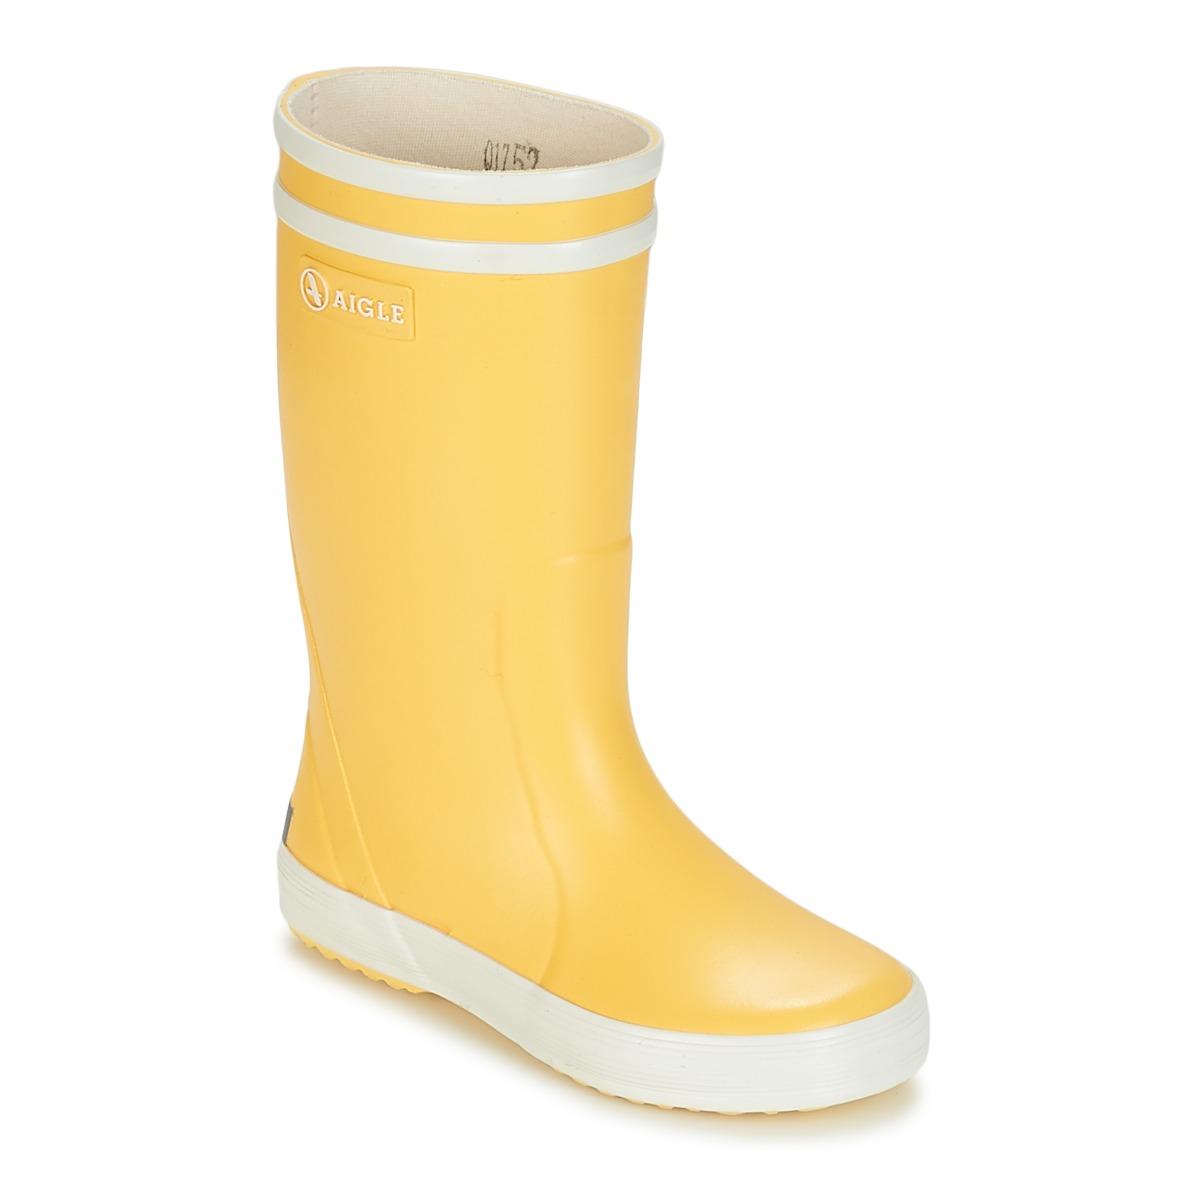 Aigle POPPY Yellow / White